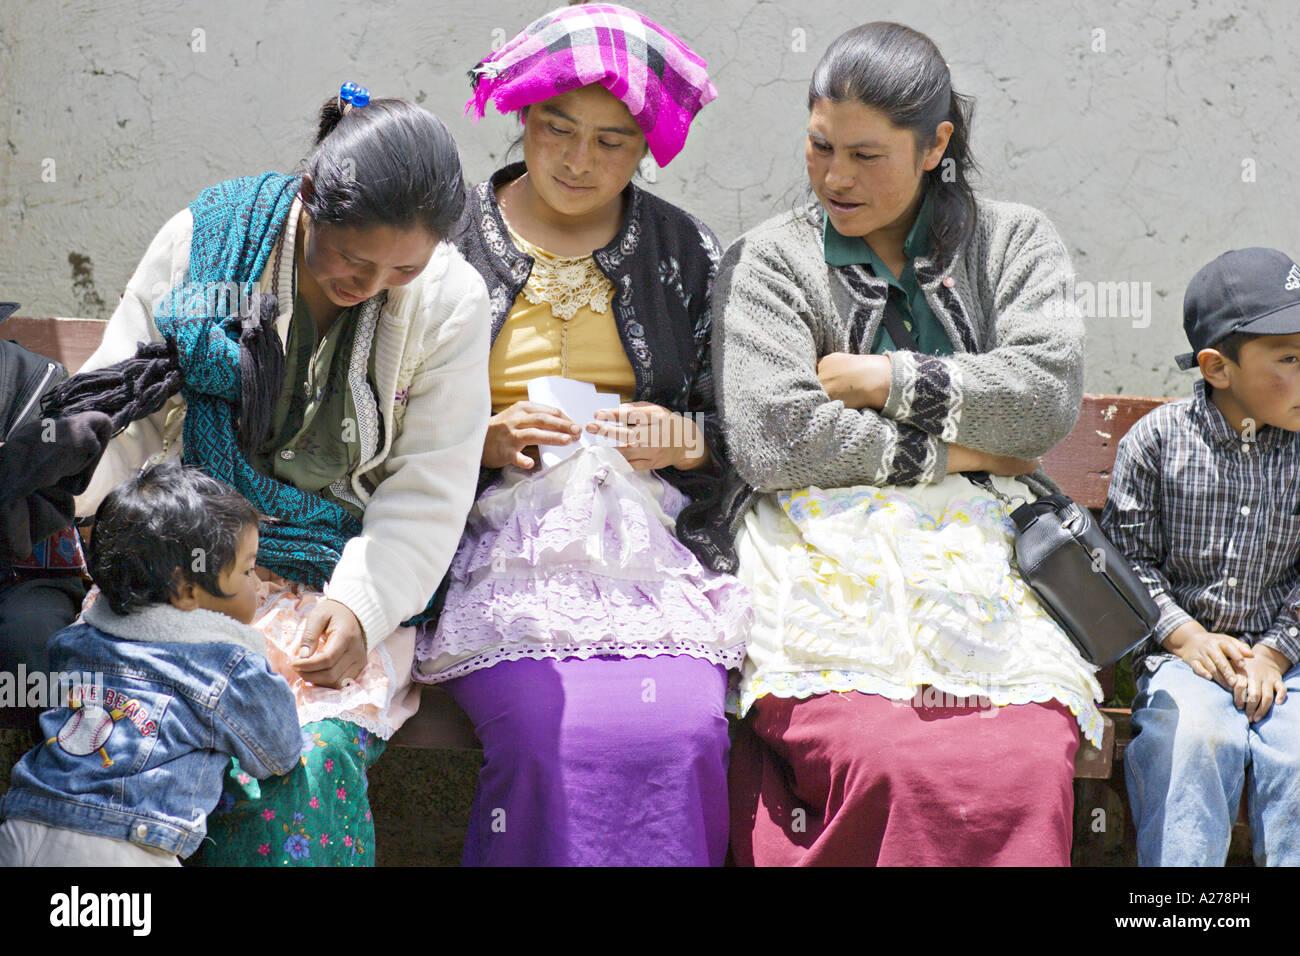 83de13bc94a4e GUATEMALA CAPELLANIA joven indígena Maya Quiché de madres y niños en  coloridos mantones y delantales Imagen